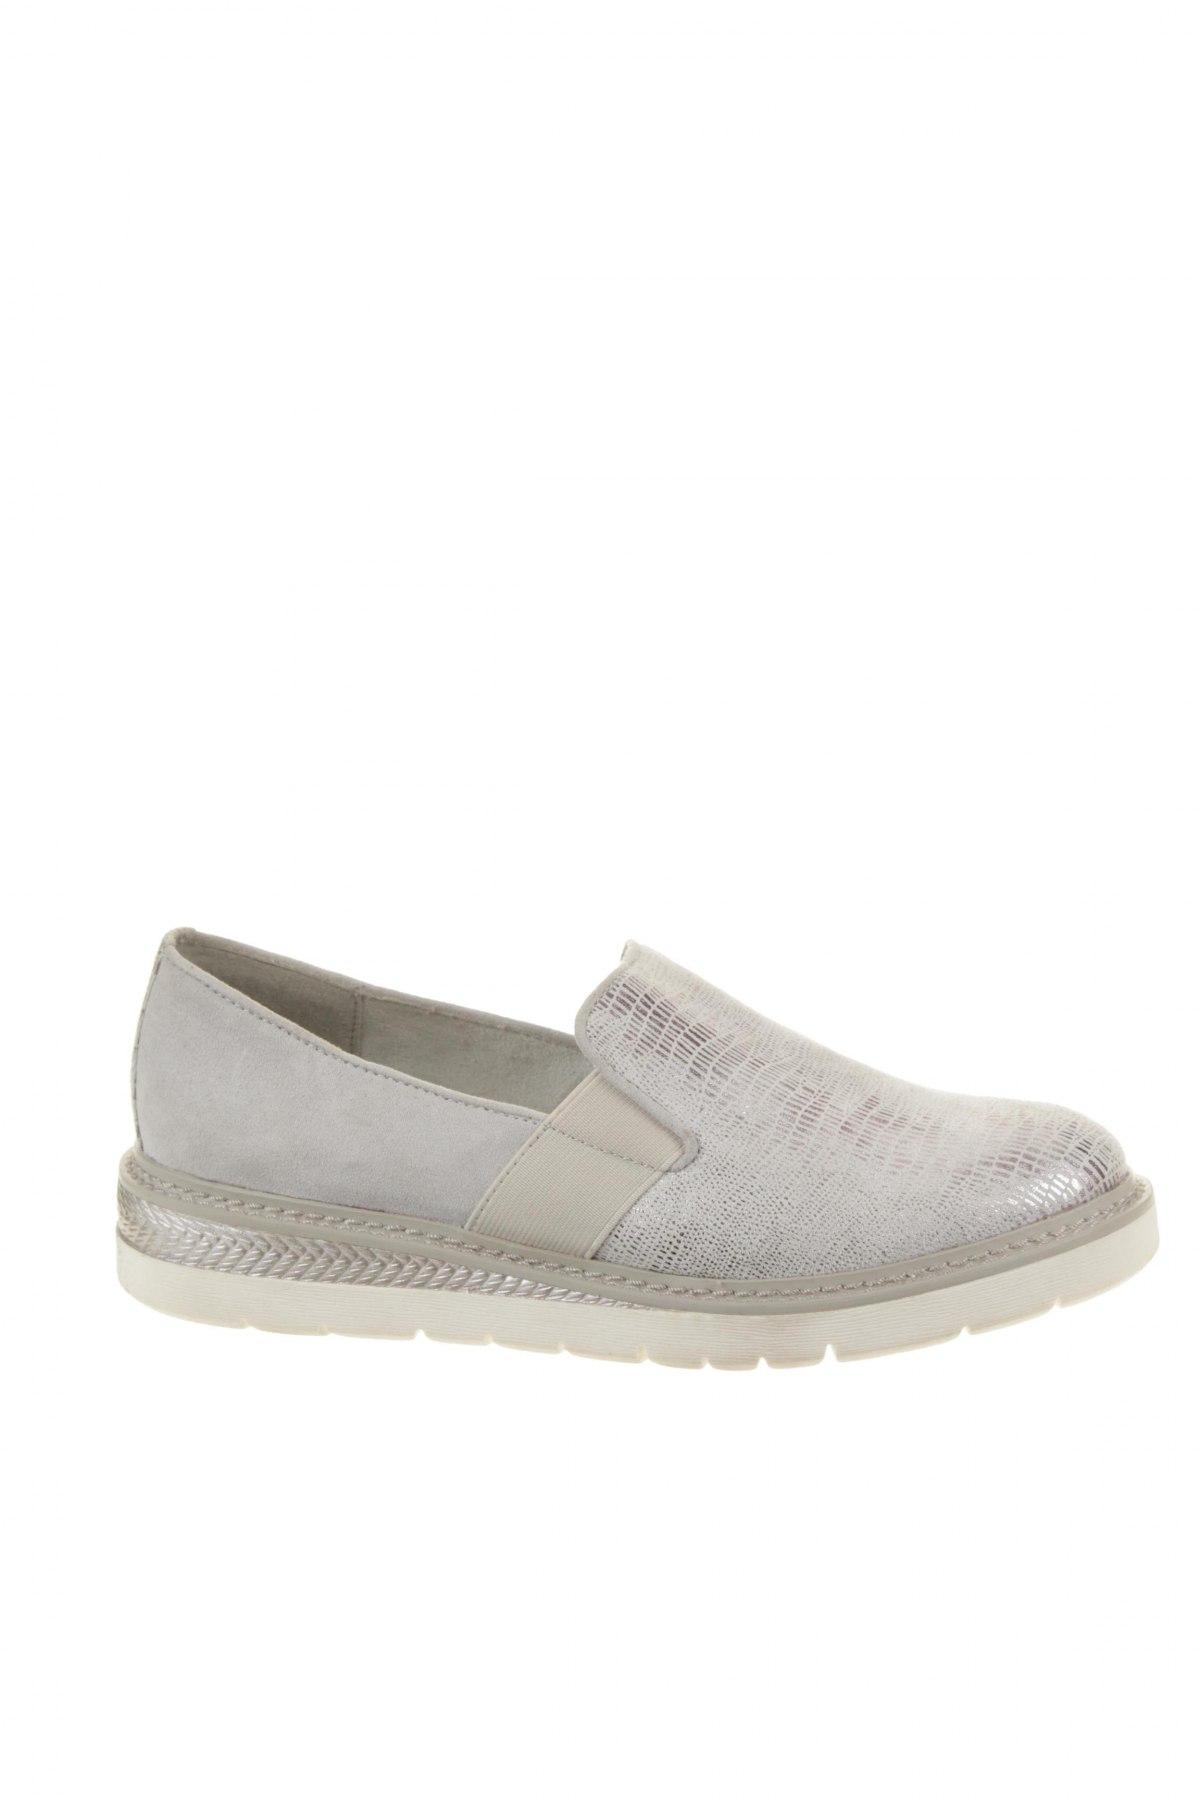 1652f4bf6cb3 Dámske topánky Soft Line - za výhodnú cenu na Remix -  101477064